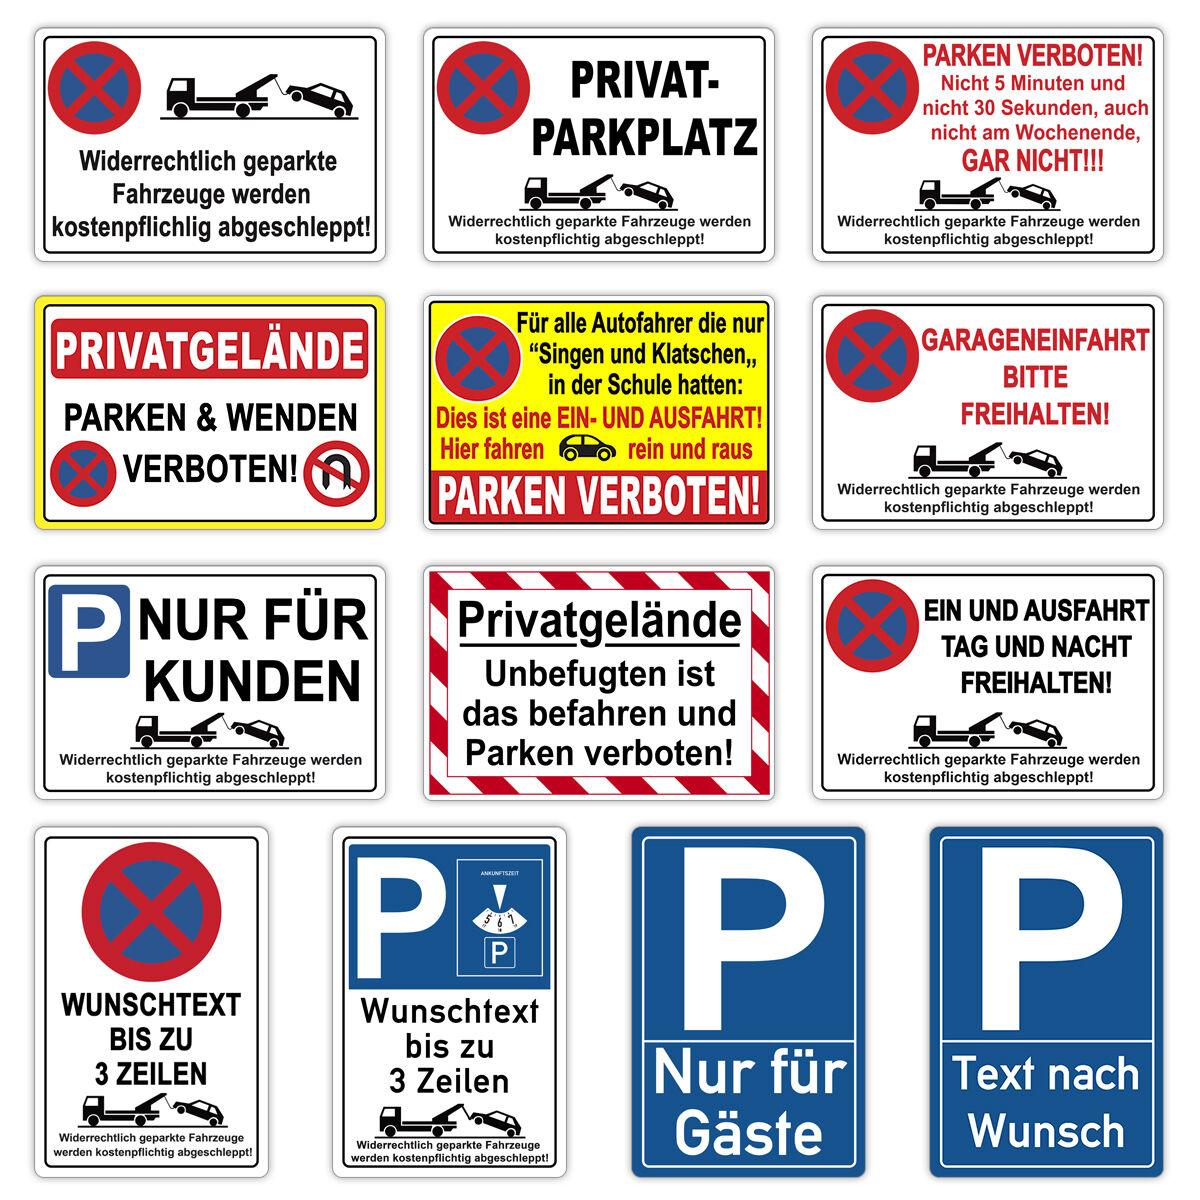 Parkplatz Schild Parken verboten Wunschtext Hinweisschild Parkverbotsschild Alu